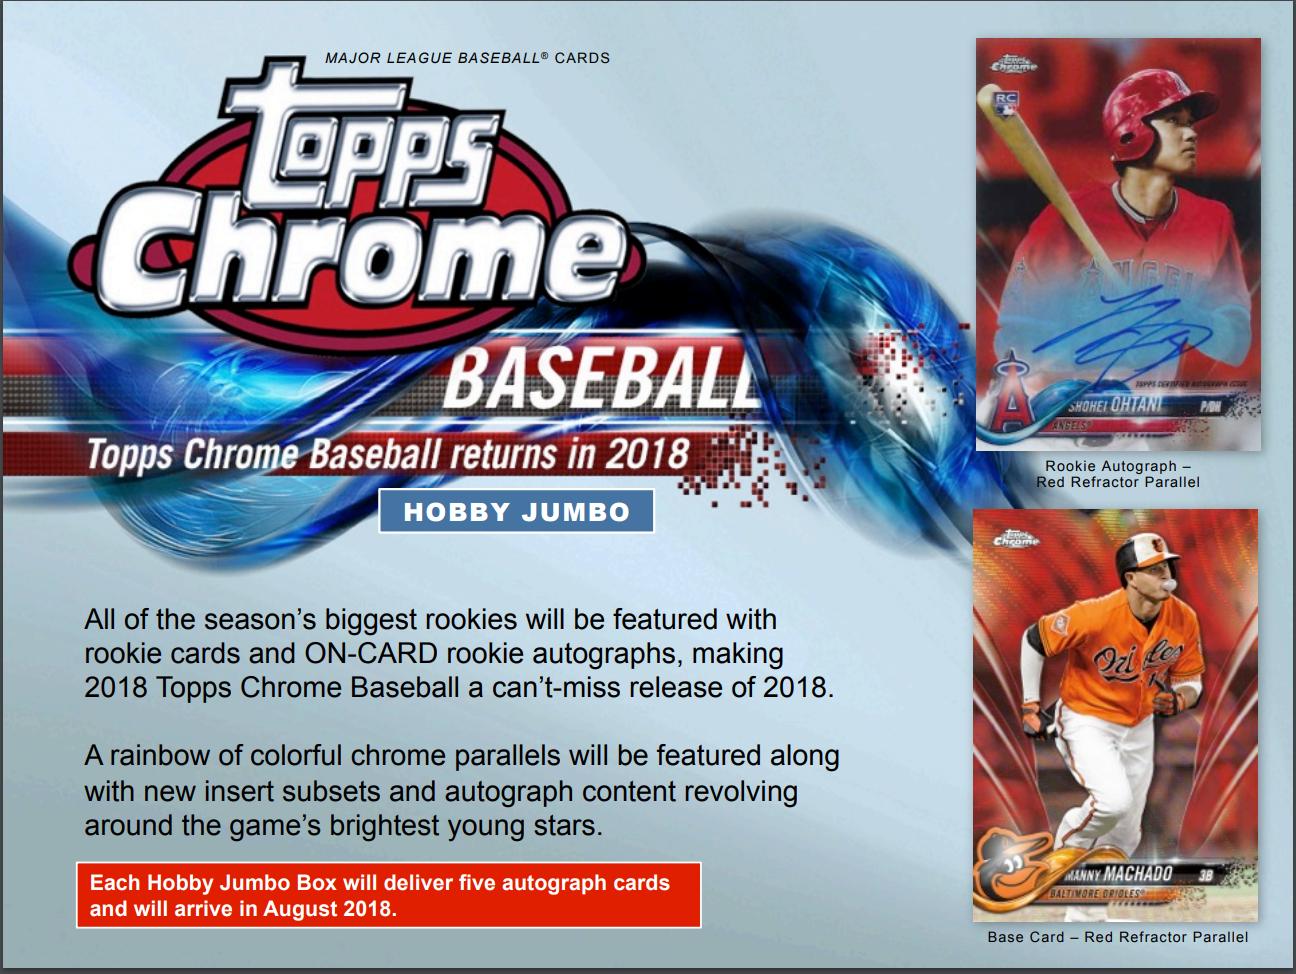 2018 Topps Chrome Baseball Hta Jumbo Hobby 8 Box Case Factory Sealed